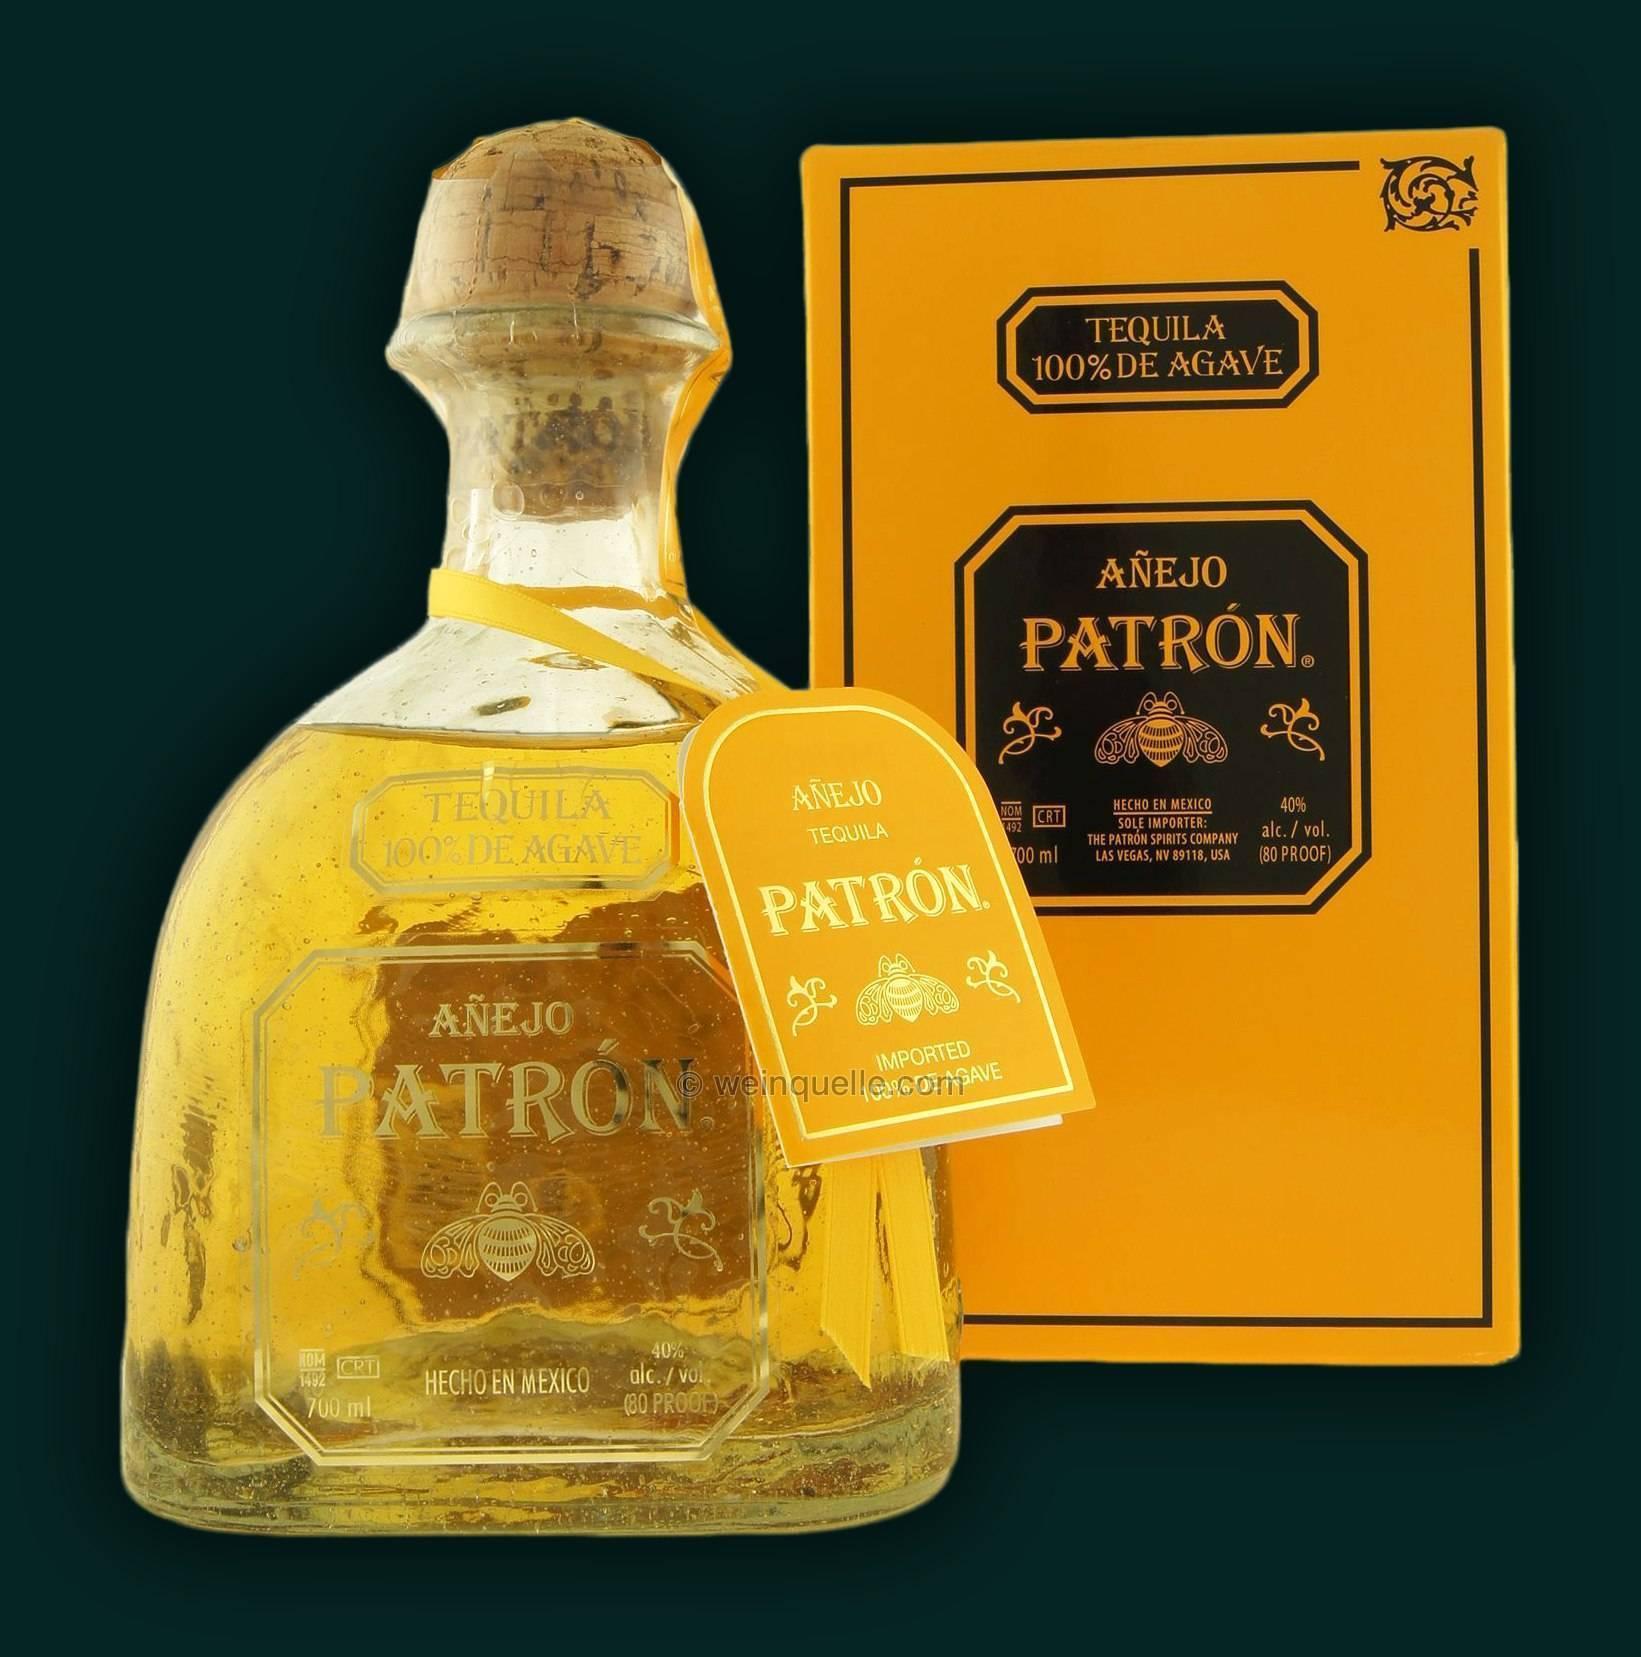 Кофейная текила patron, патрон: крепость, состав, вкус - вредные привычки